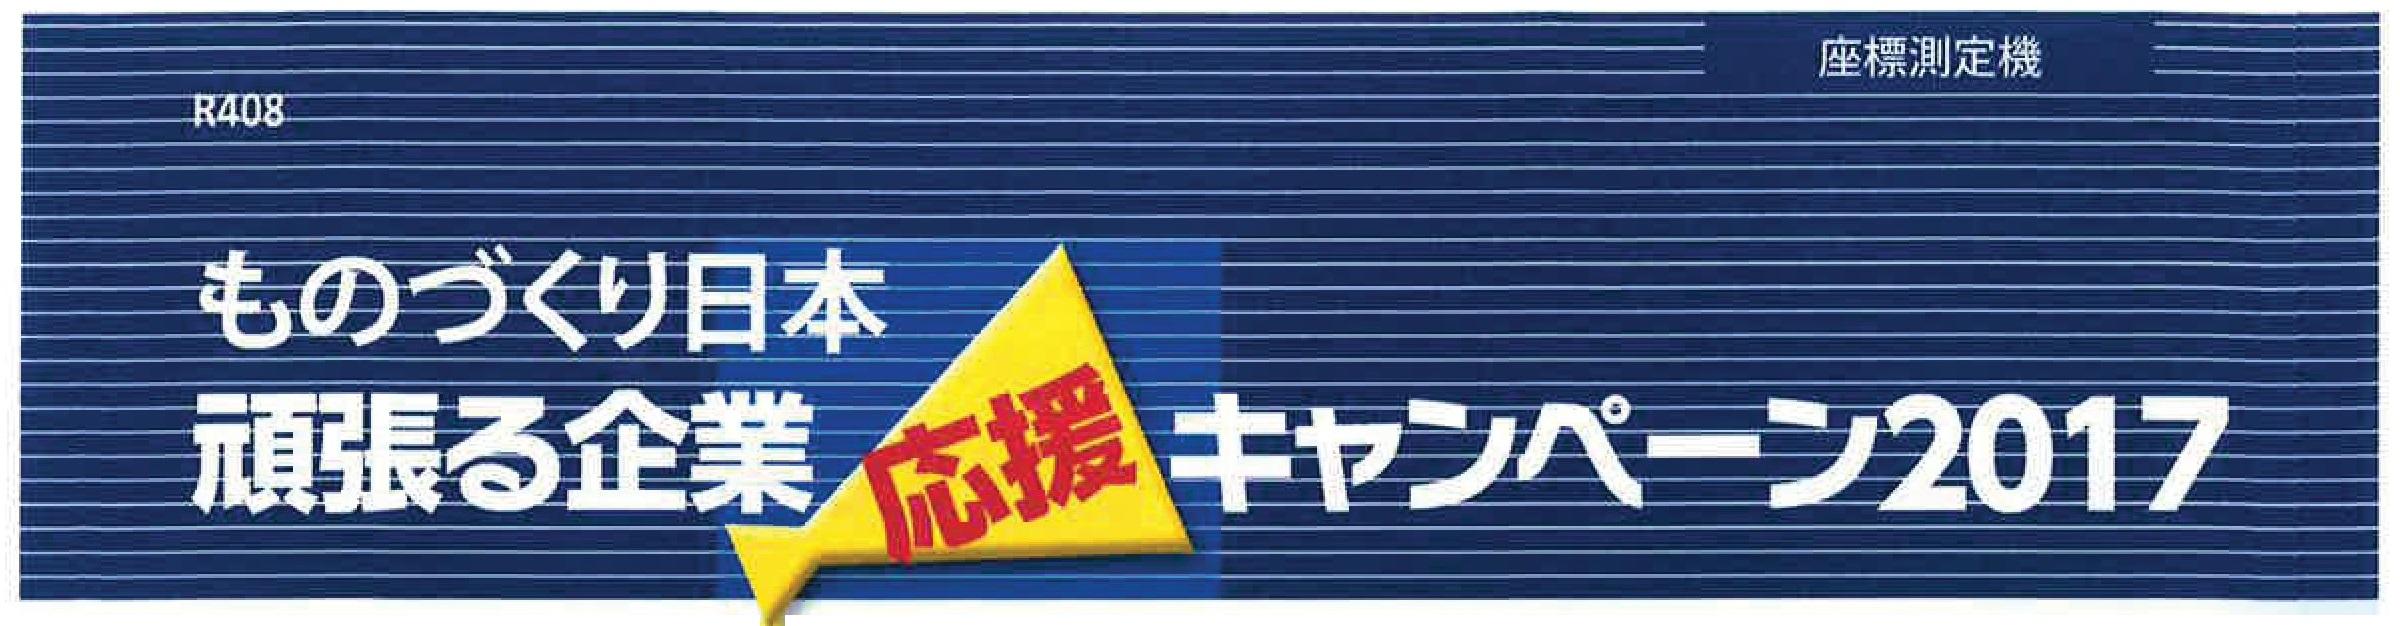 ミツトヨ三次元測定機キャンペーンのお知らせ